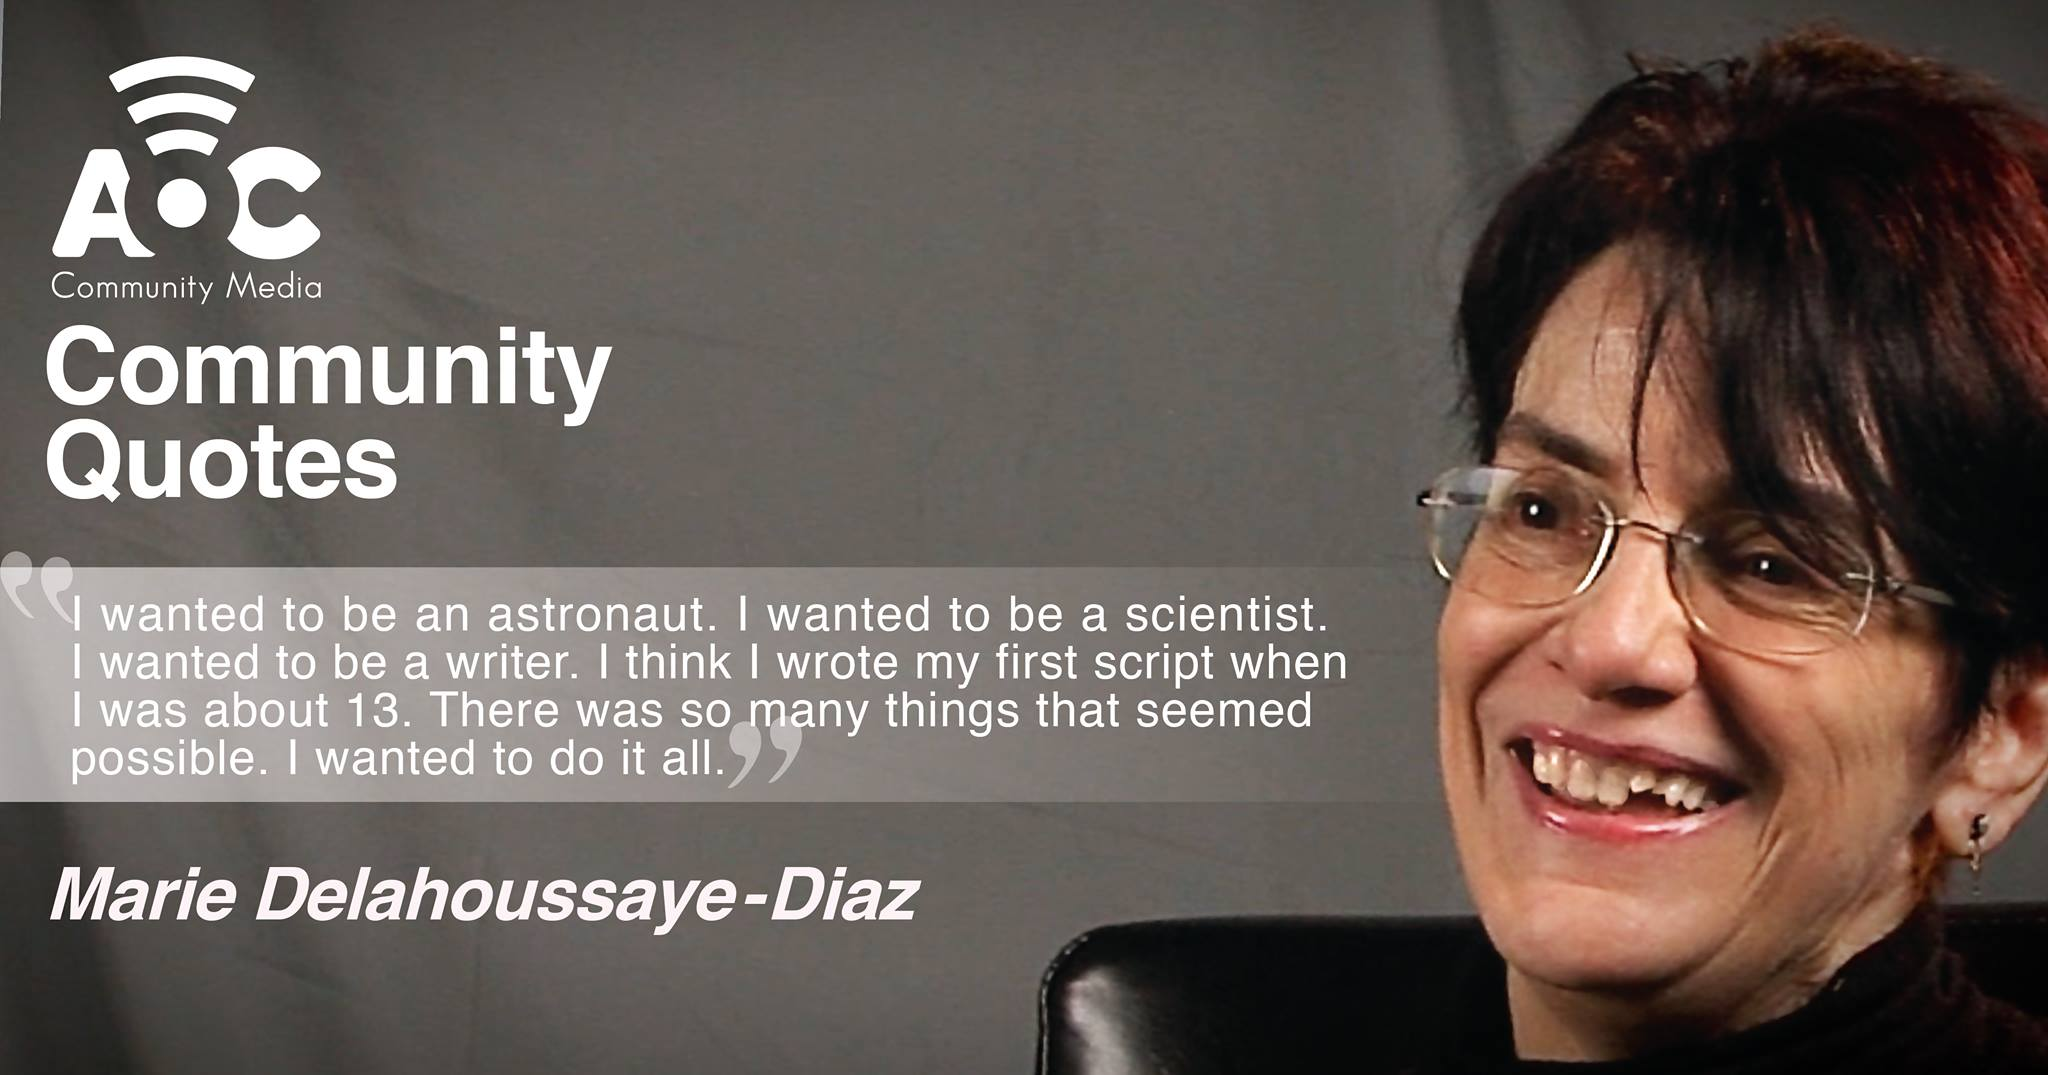 .Marie Delahoussaye-Diaz